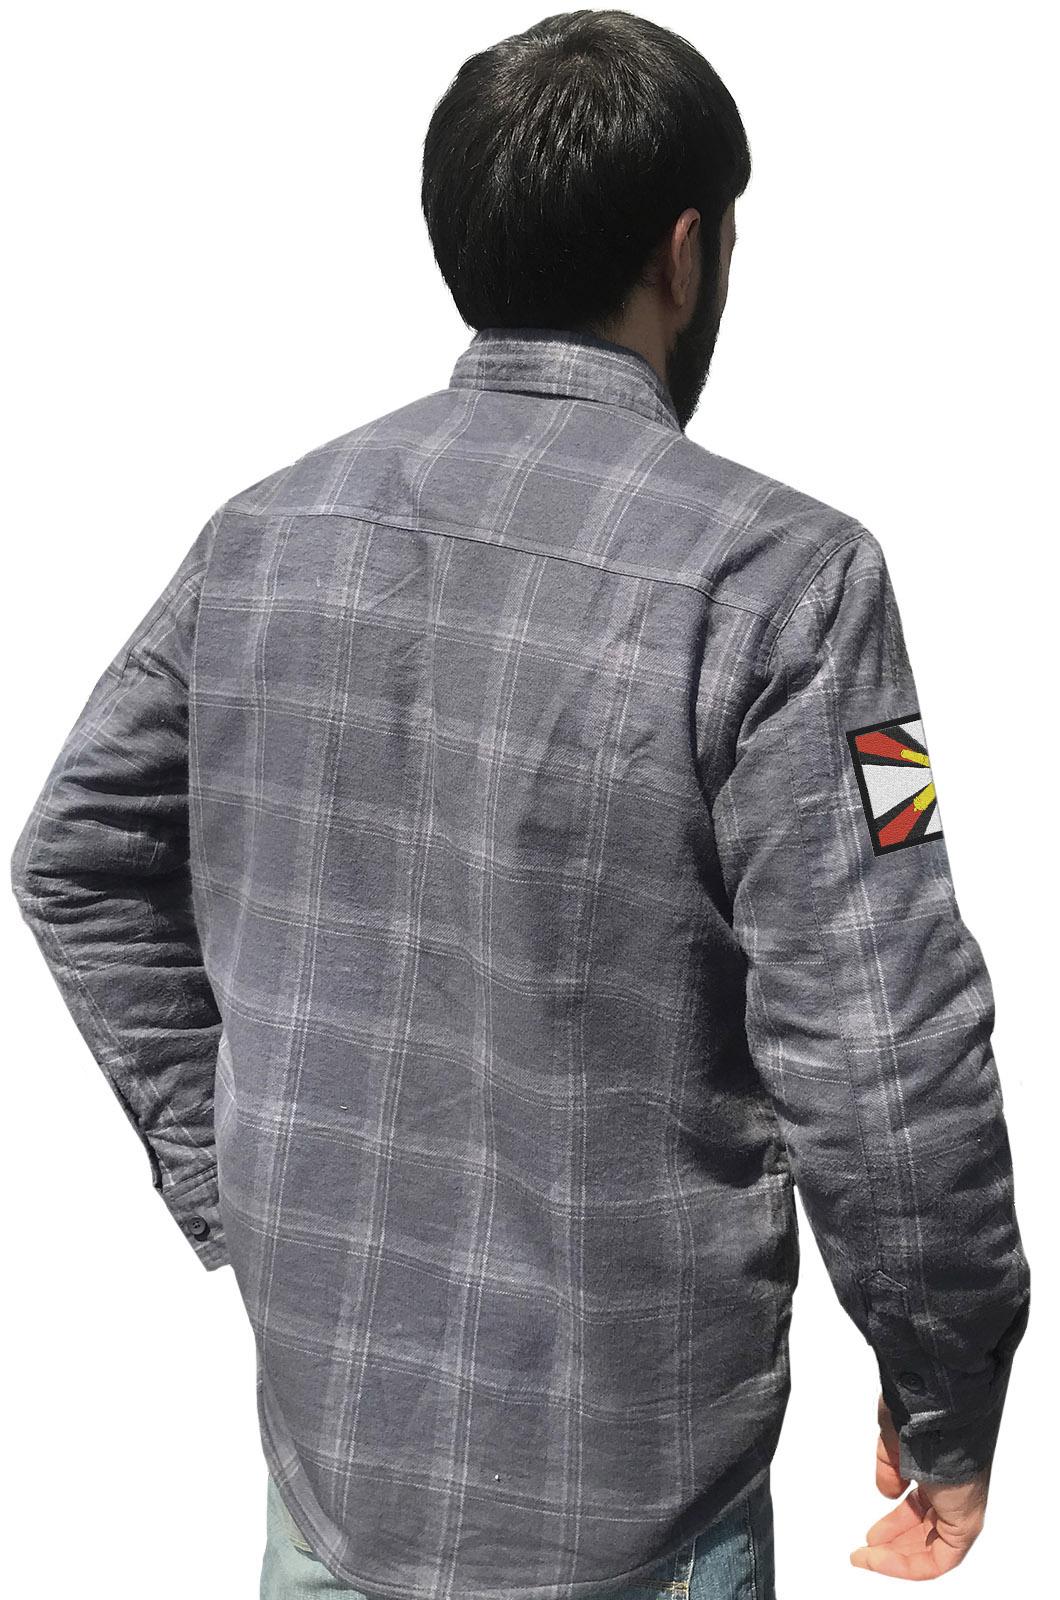 Купить серую рубашку с вышитым шевроном  Артиллерия России оптом или в розницу